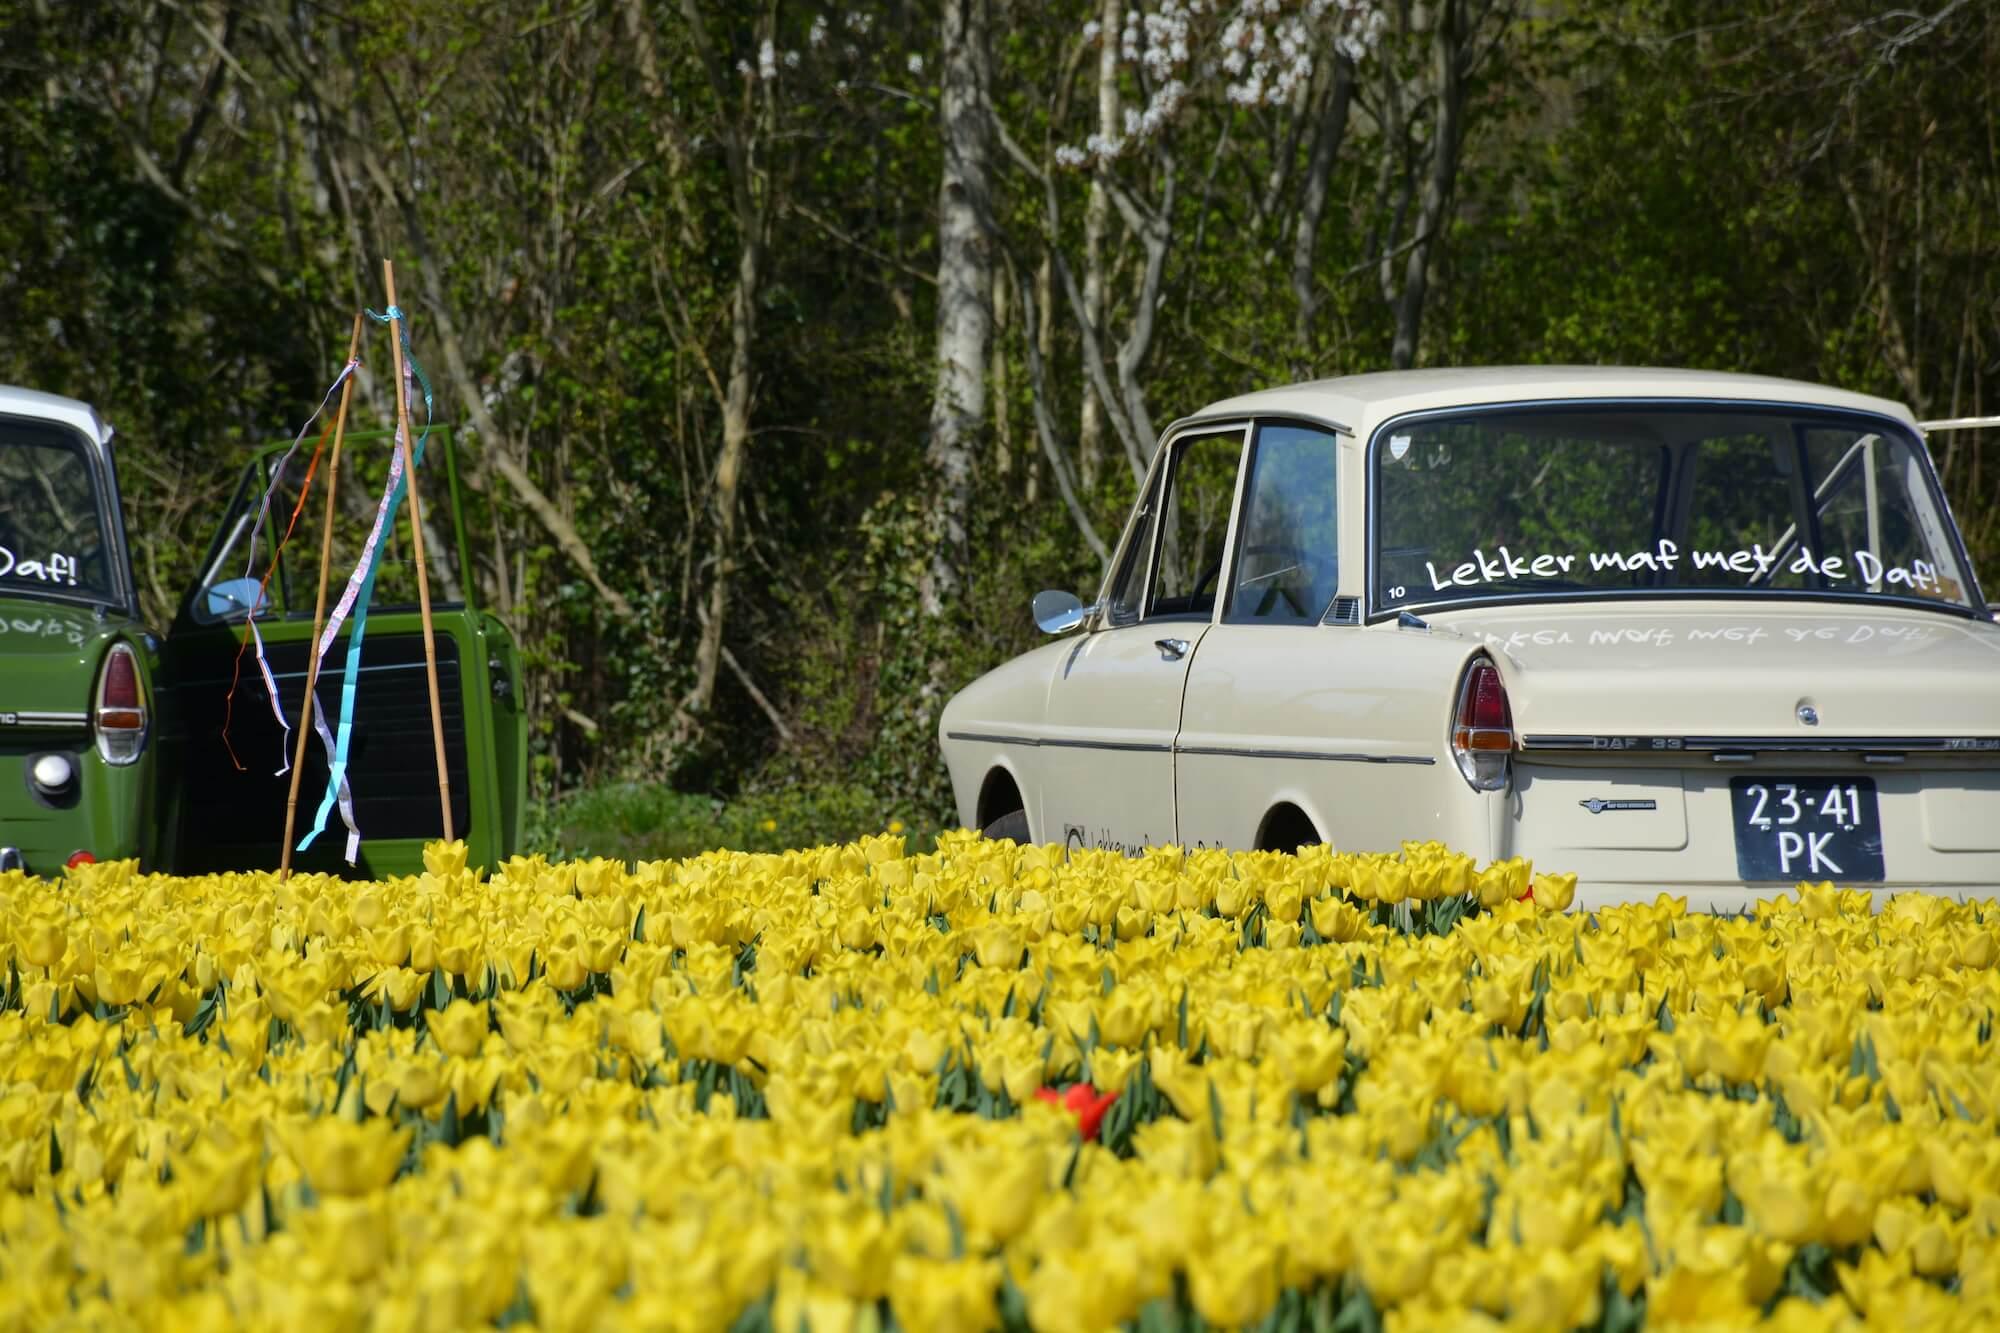 Voorjaarsuitjes groepsuitjes eropuit in Drenthe - Het Drents Kwartiertje - Solex Huren / Rijden - Dafje Huren / Rijden - Groepsactiviteiten, workshops, teambuilding en trainingen Drenthe